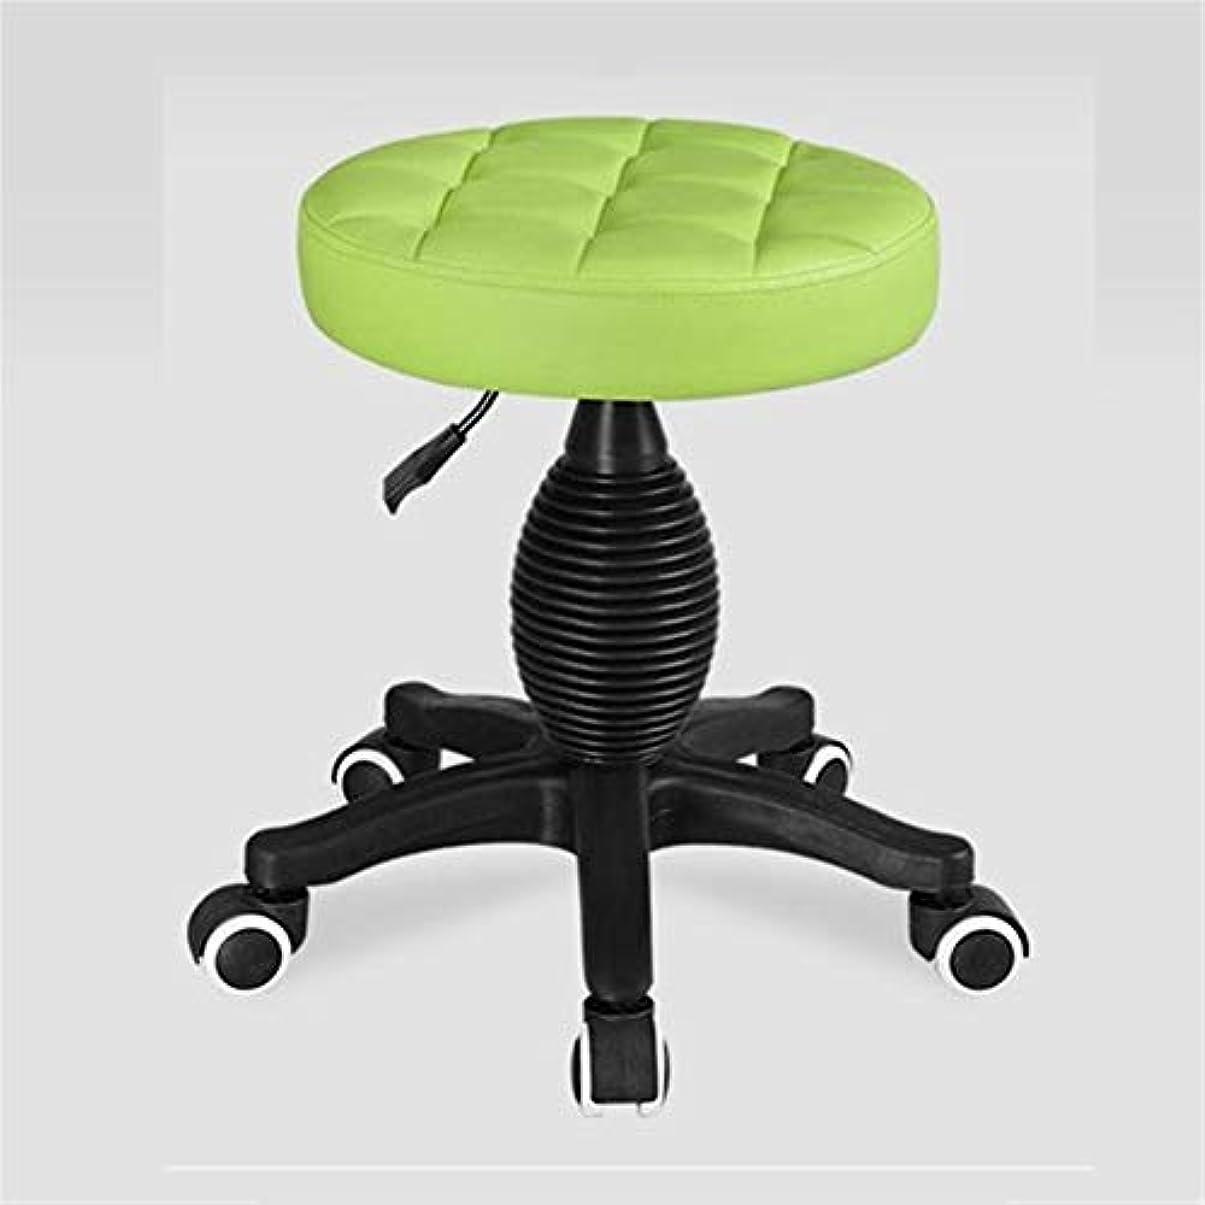 有益な収穫大邸宅大広間の椅子円形PUの革油圧上昇の調節の回転理髪店の椅子の鉱泉の大広間の設定の椅子5つの車輪の事務作業の椅子,Green,B